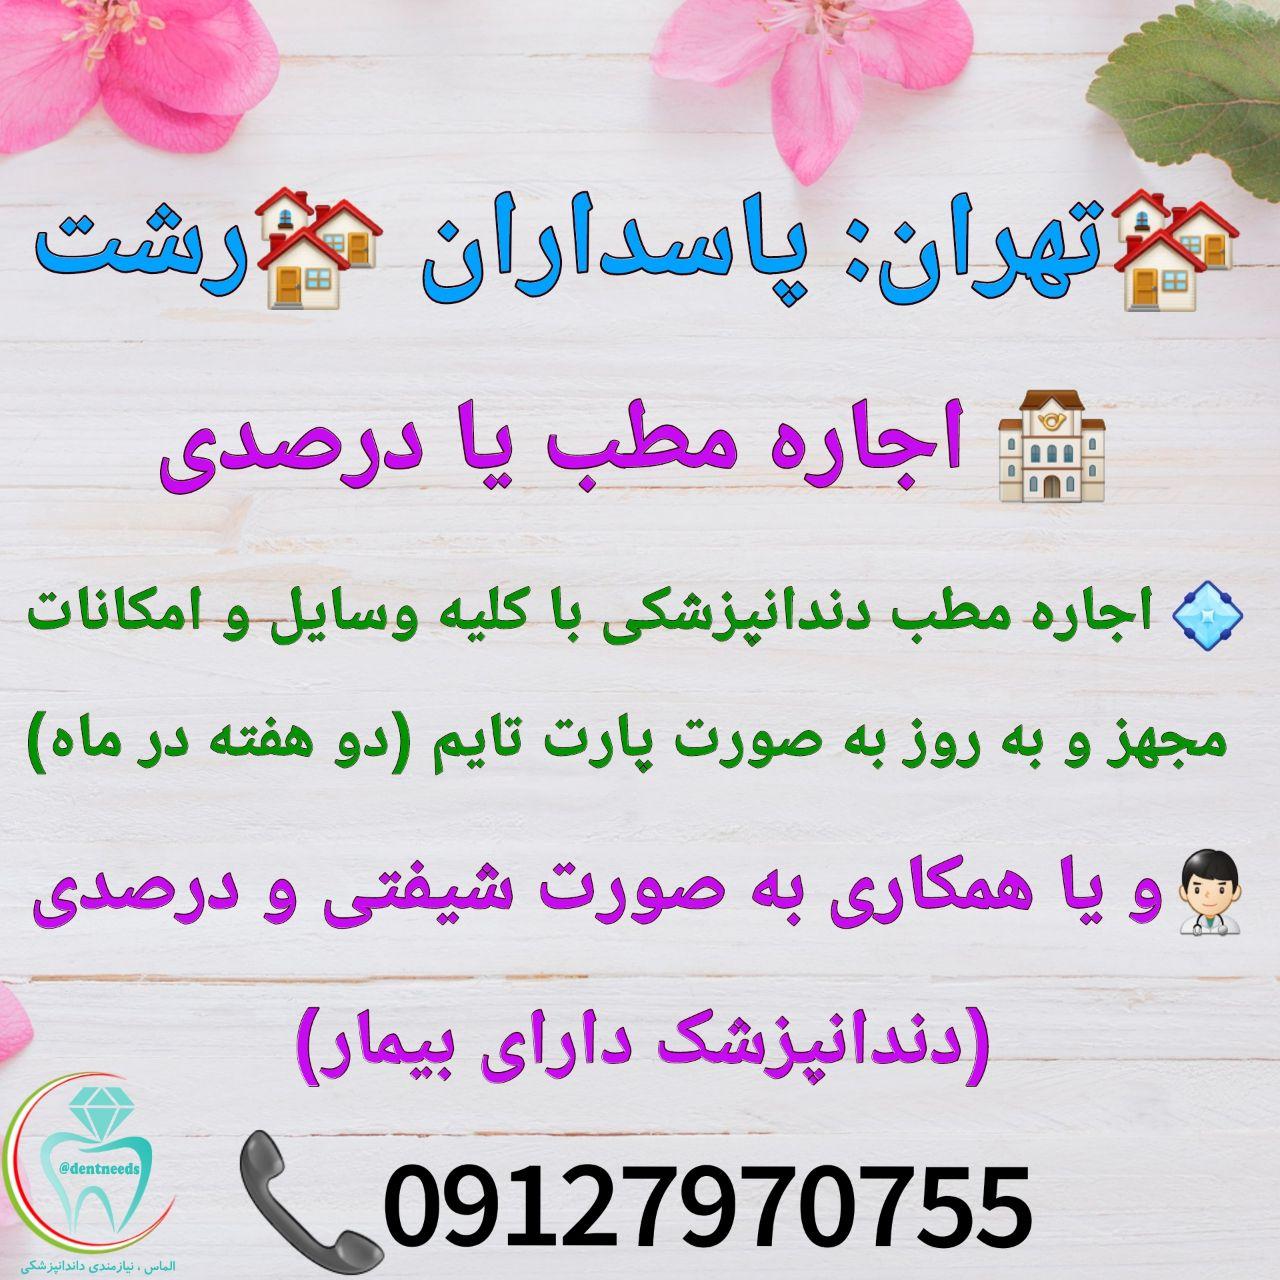 تهران: (پاسداران) و رشت، اجاره مطب یا درصدی